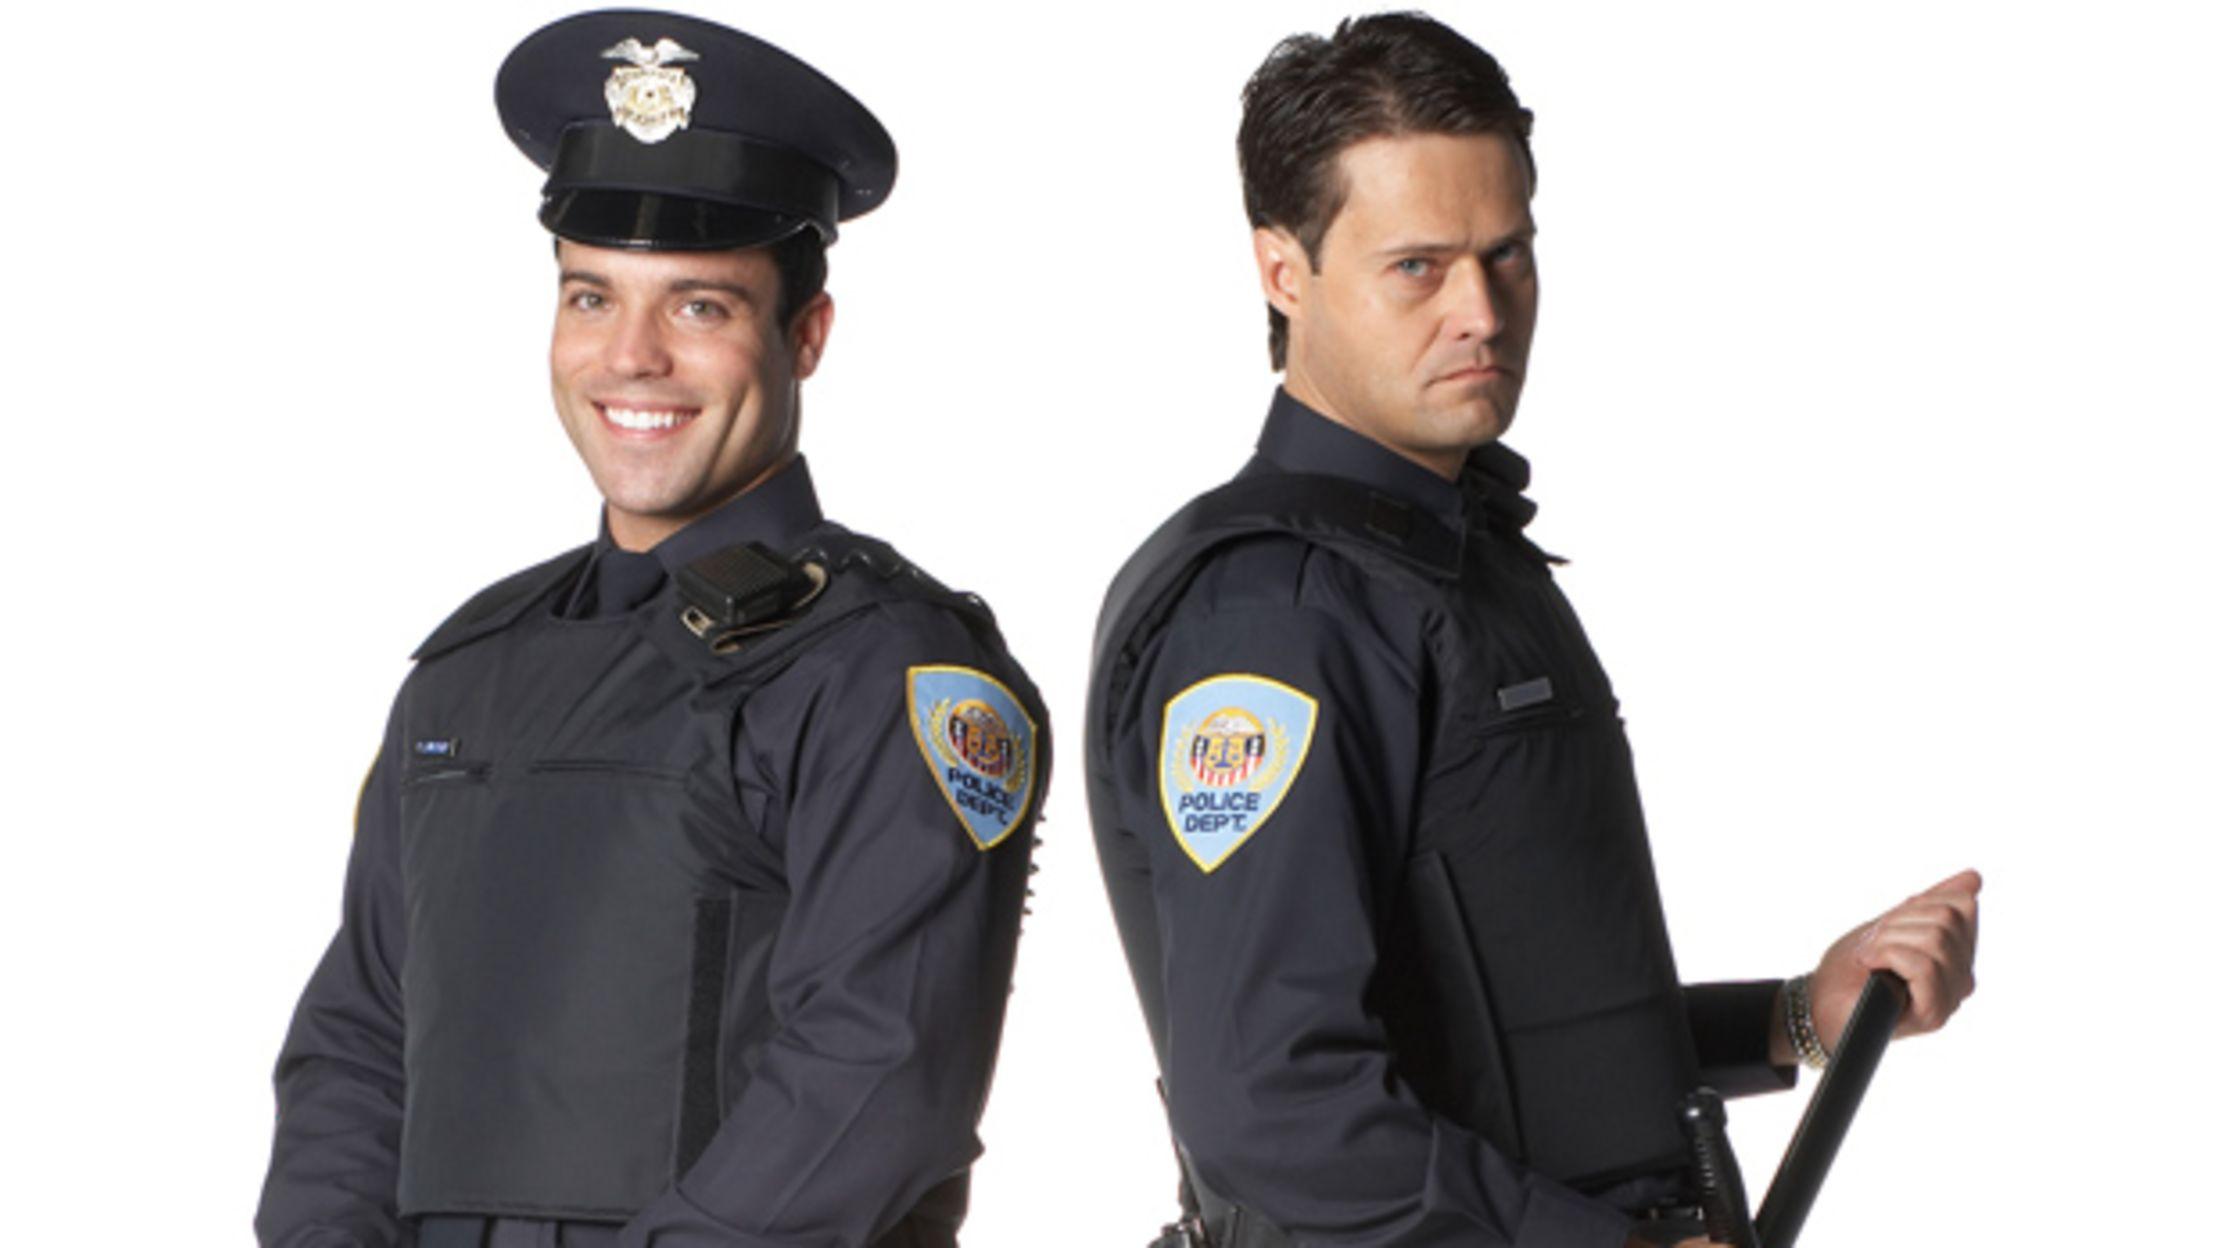 The Crime Good Cop Bad Cop